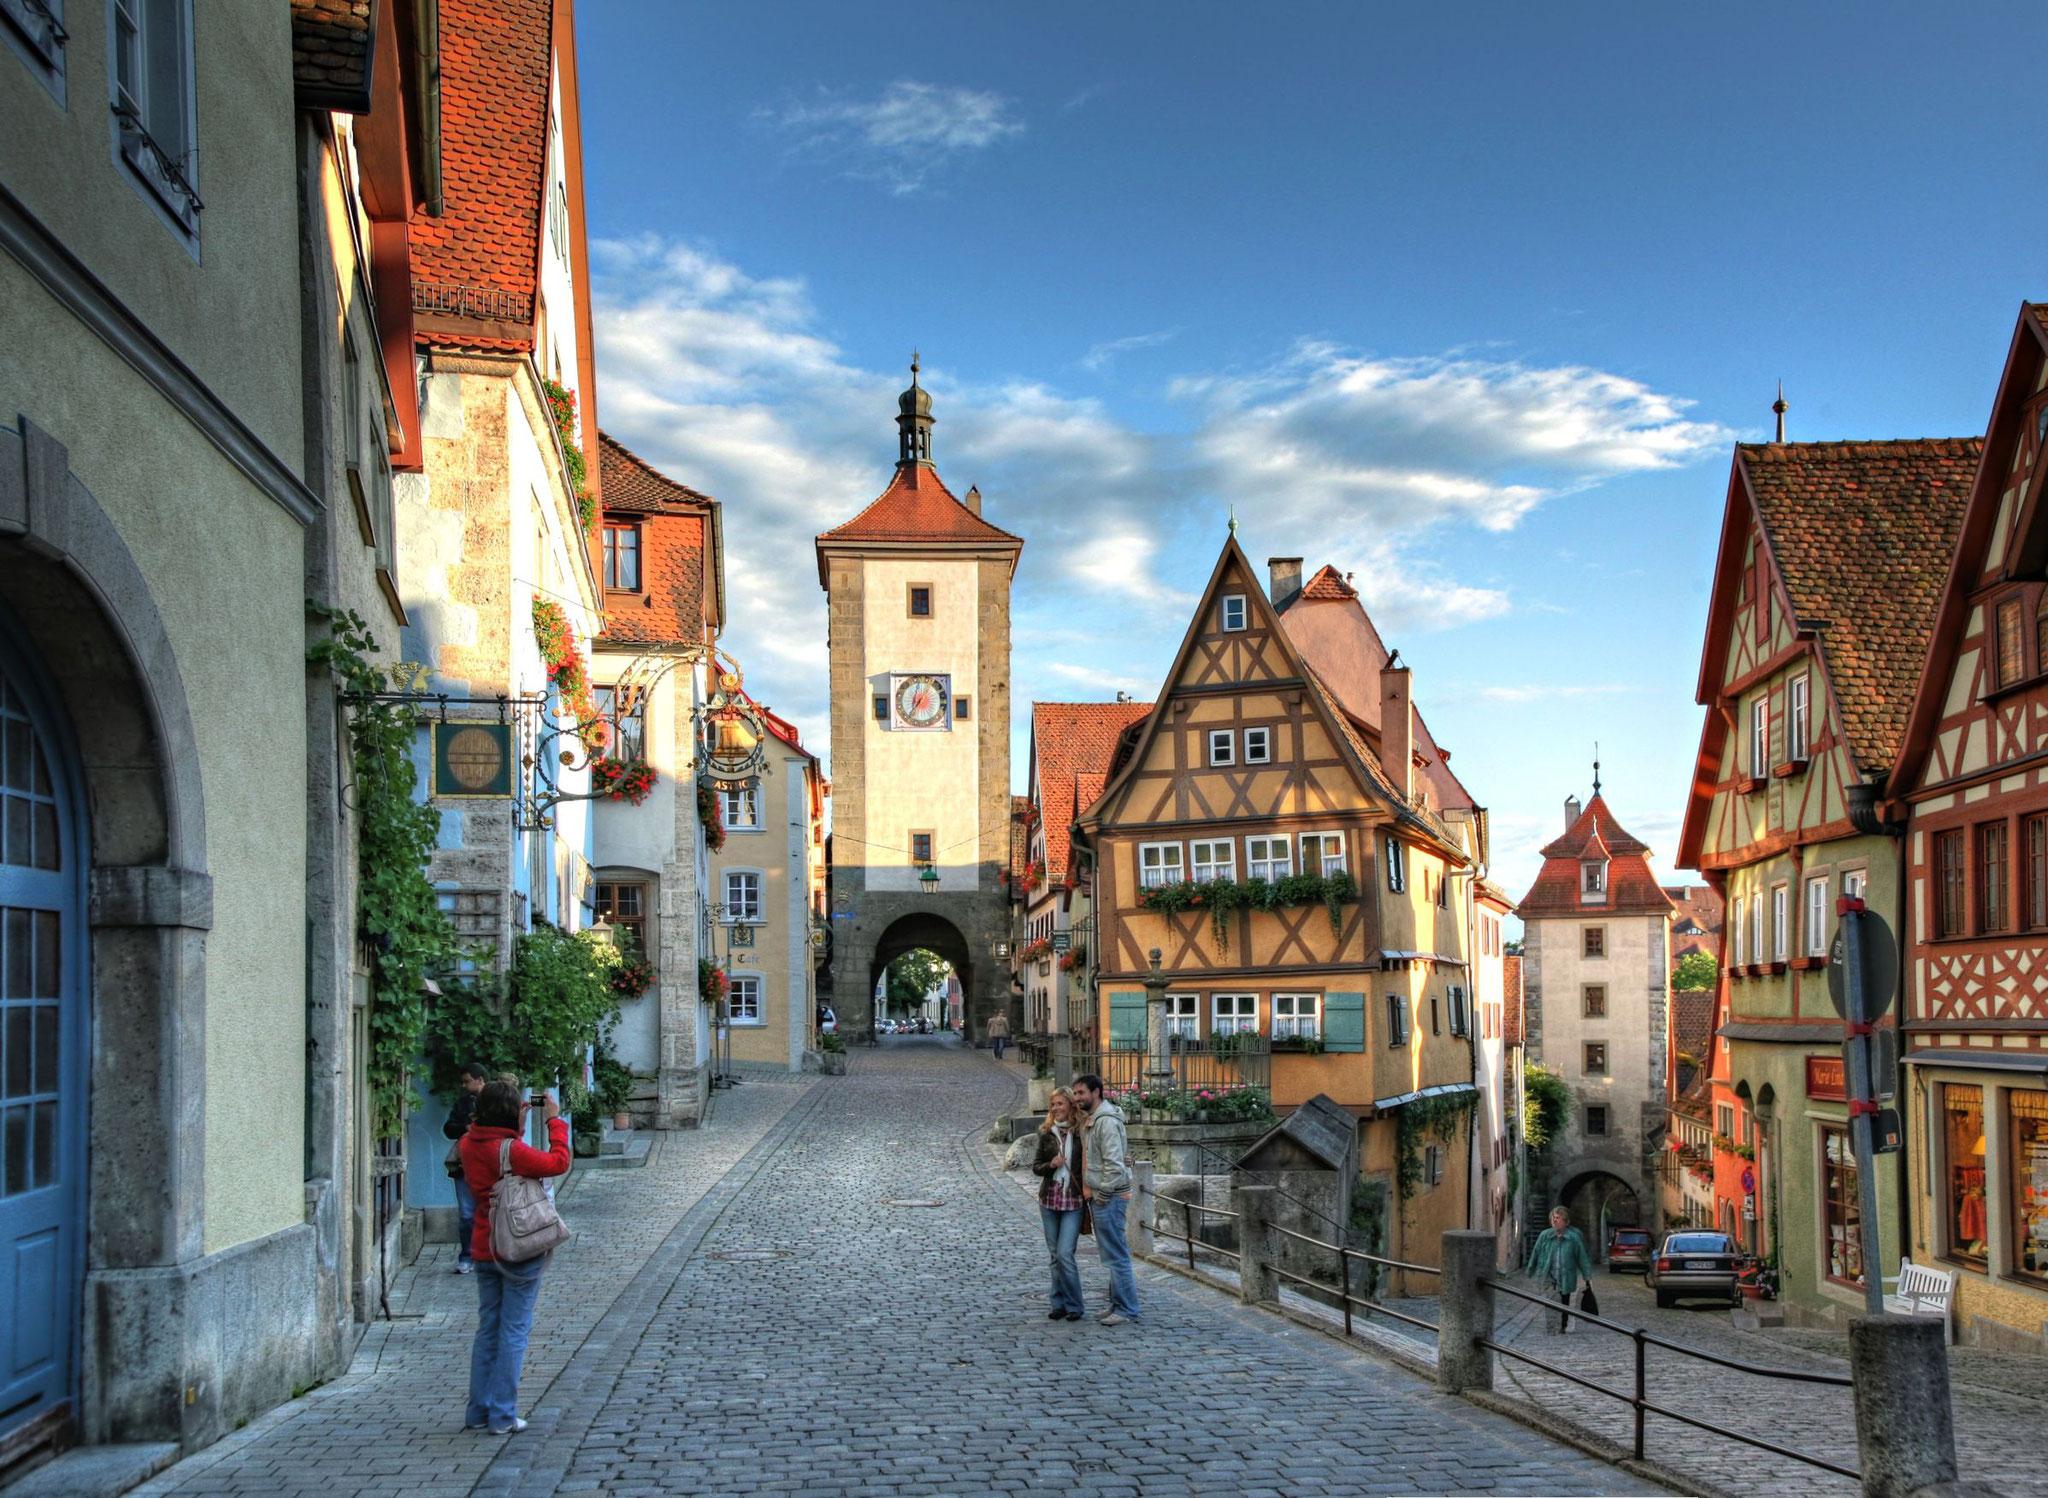 Historische Altstadt Rothenburg o. d. Tauber